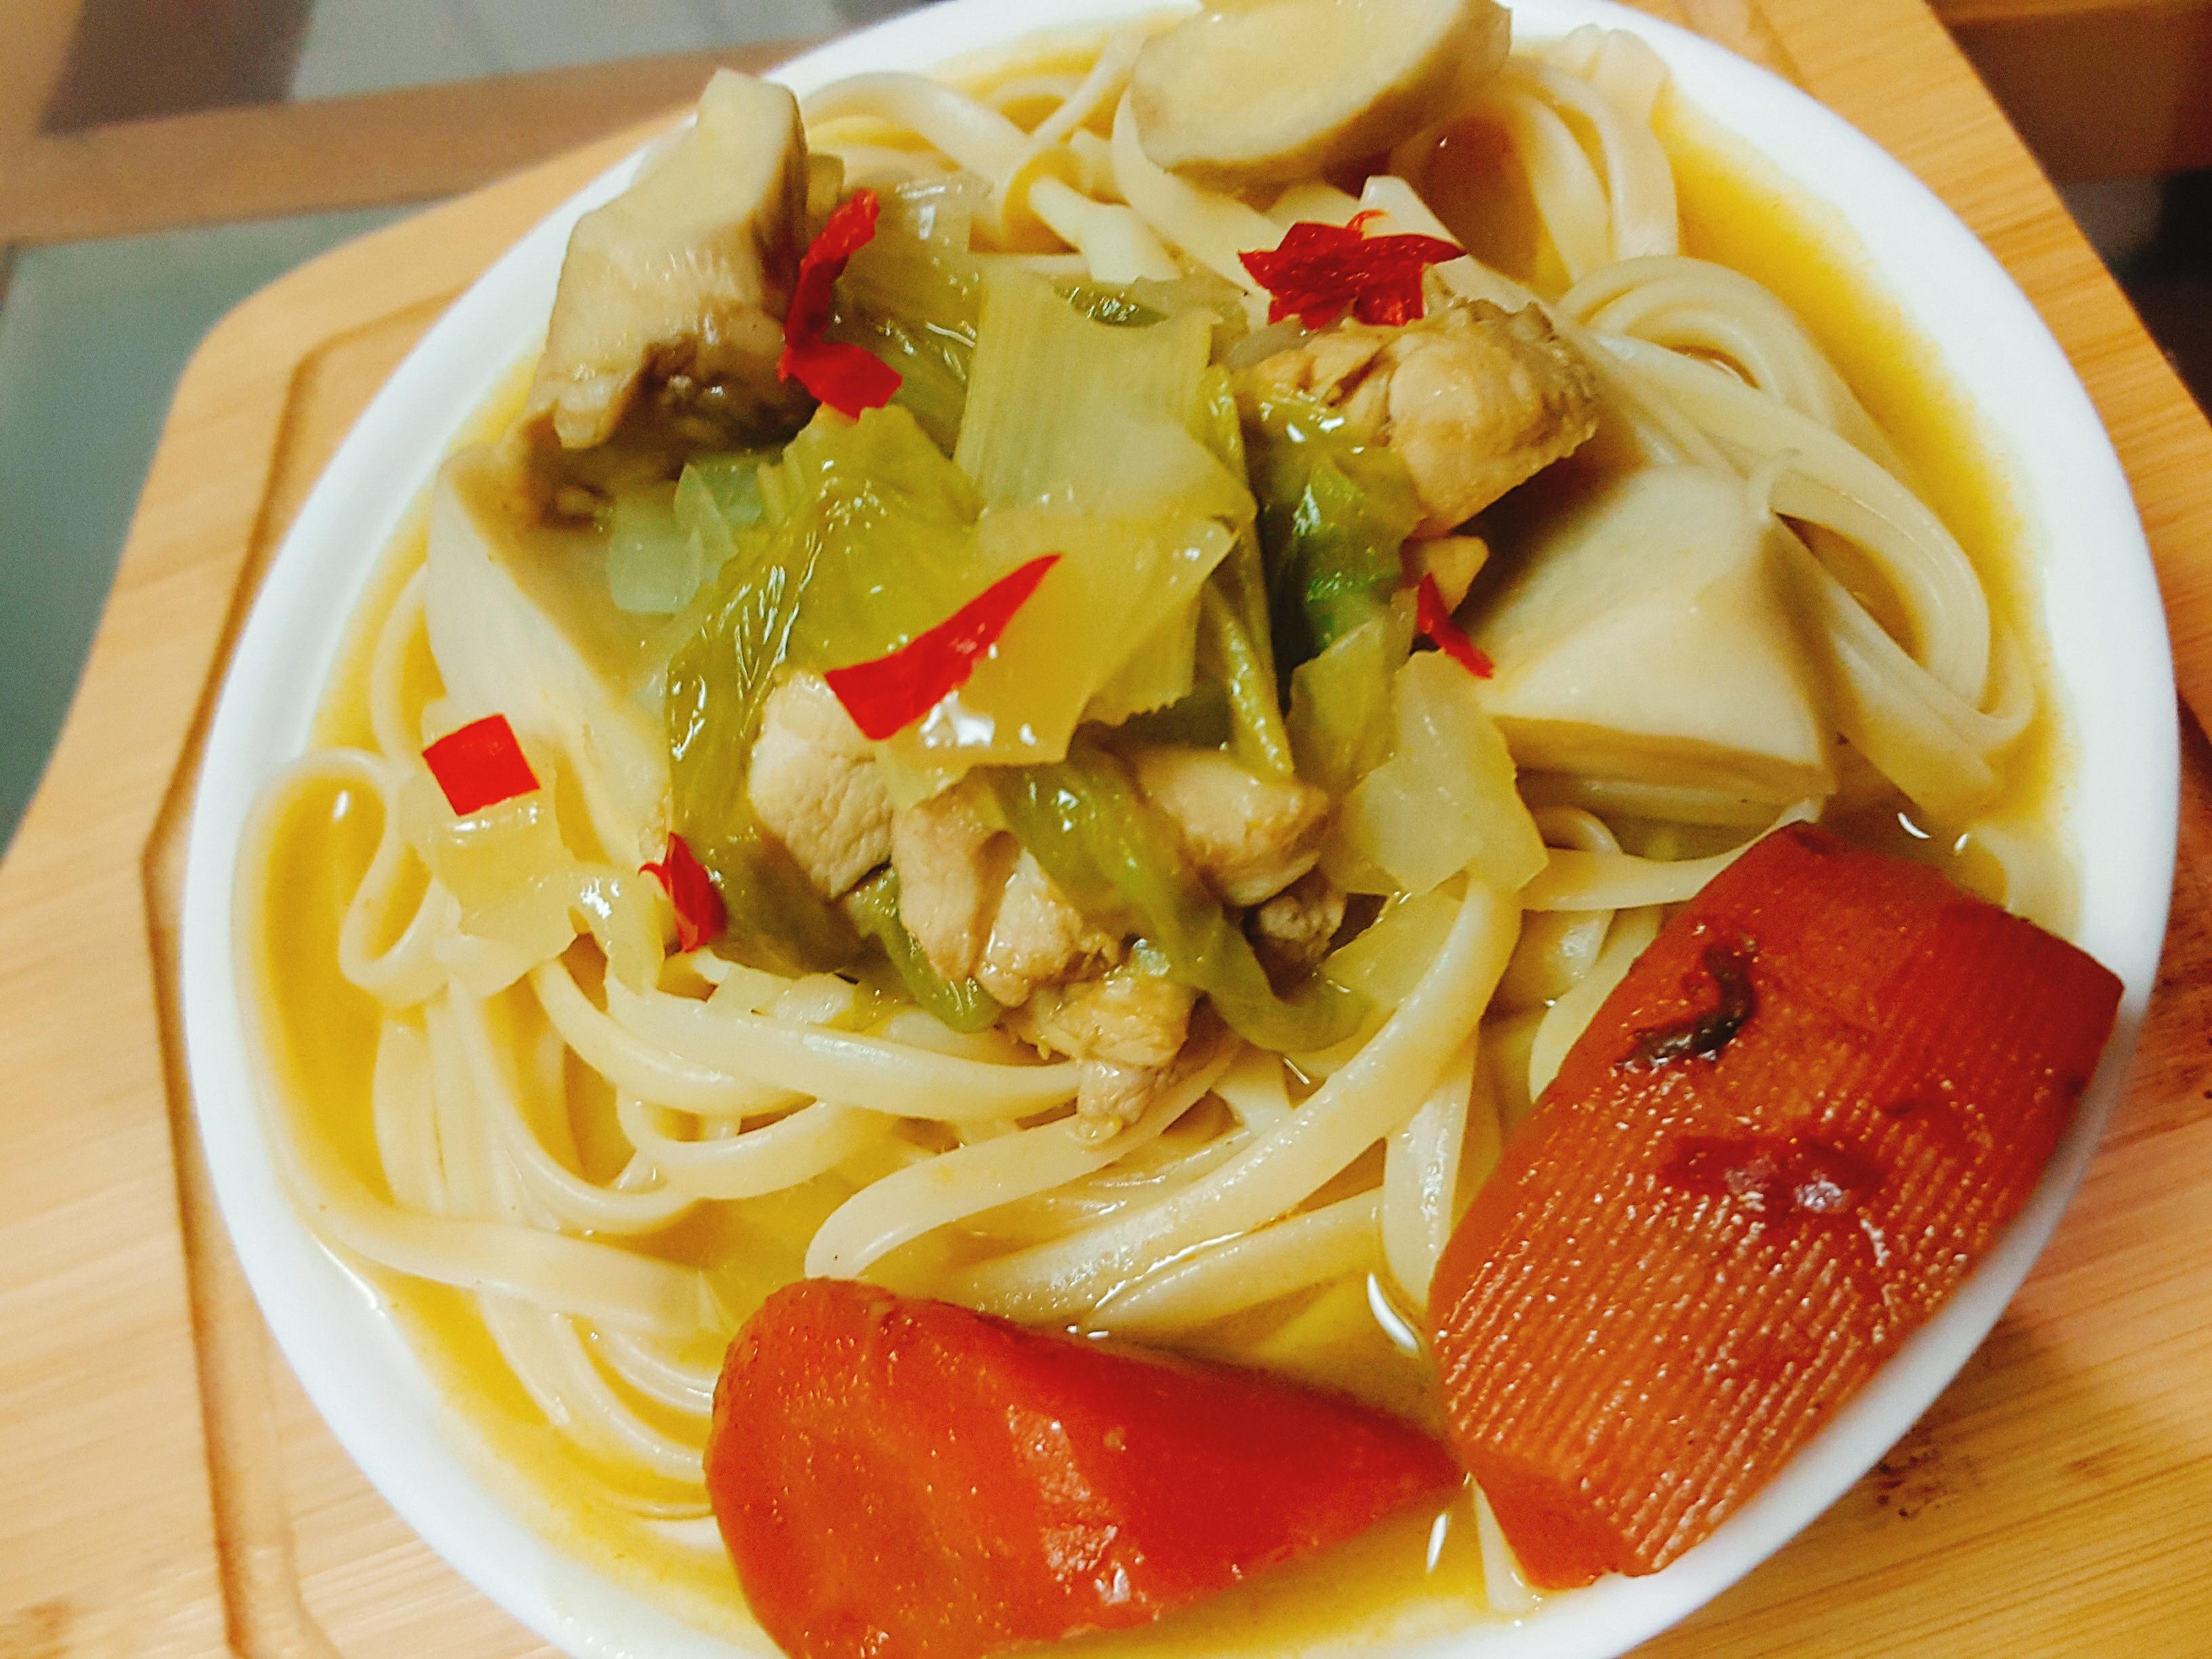 綠咖哩雞肉義大利麵【完美絕配義式饗宴】